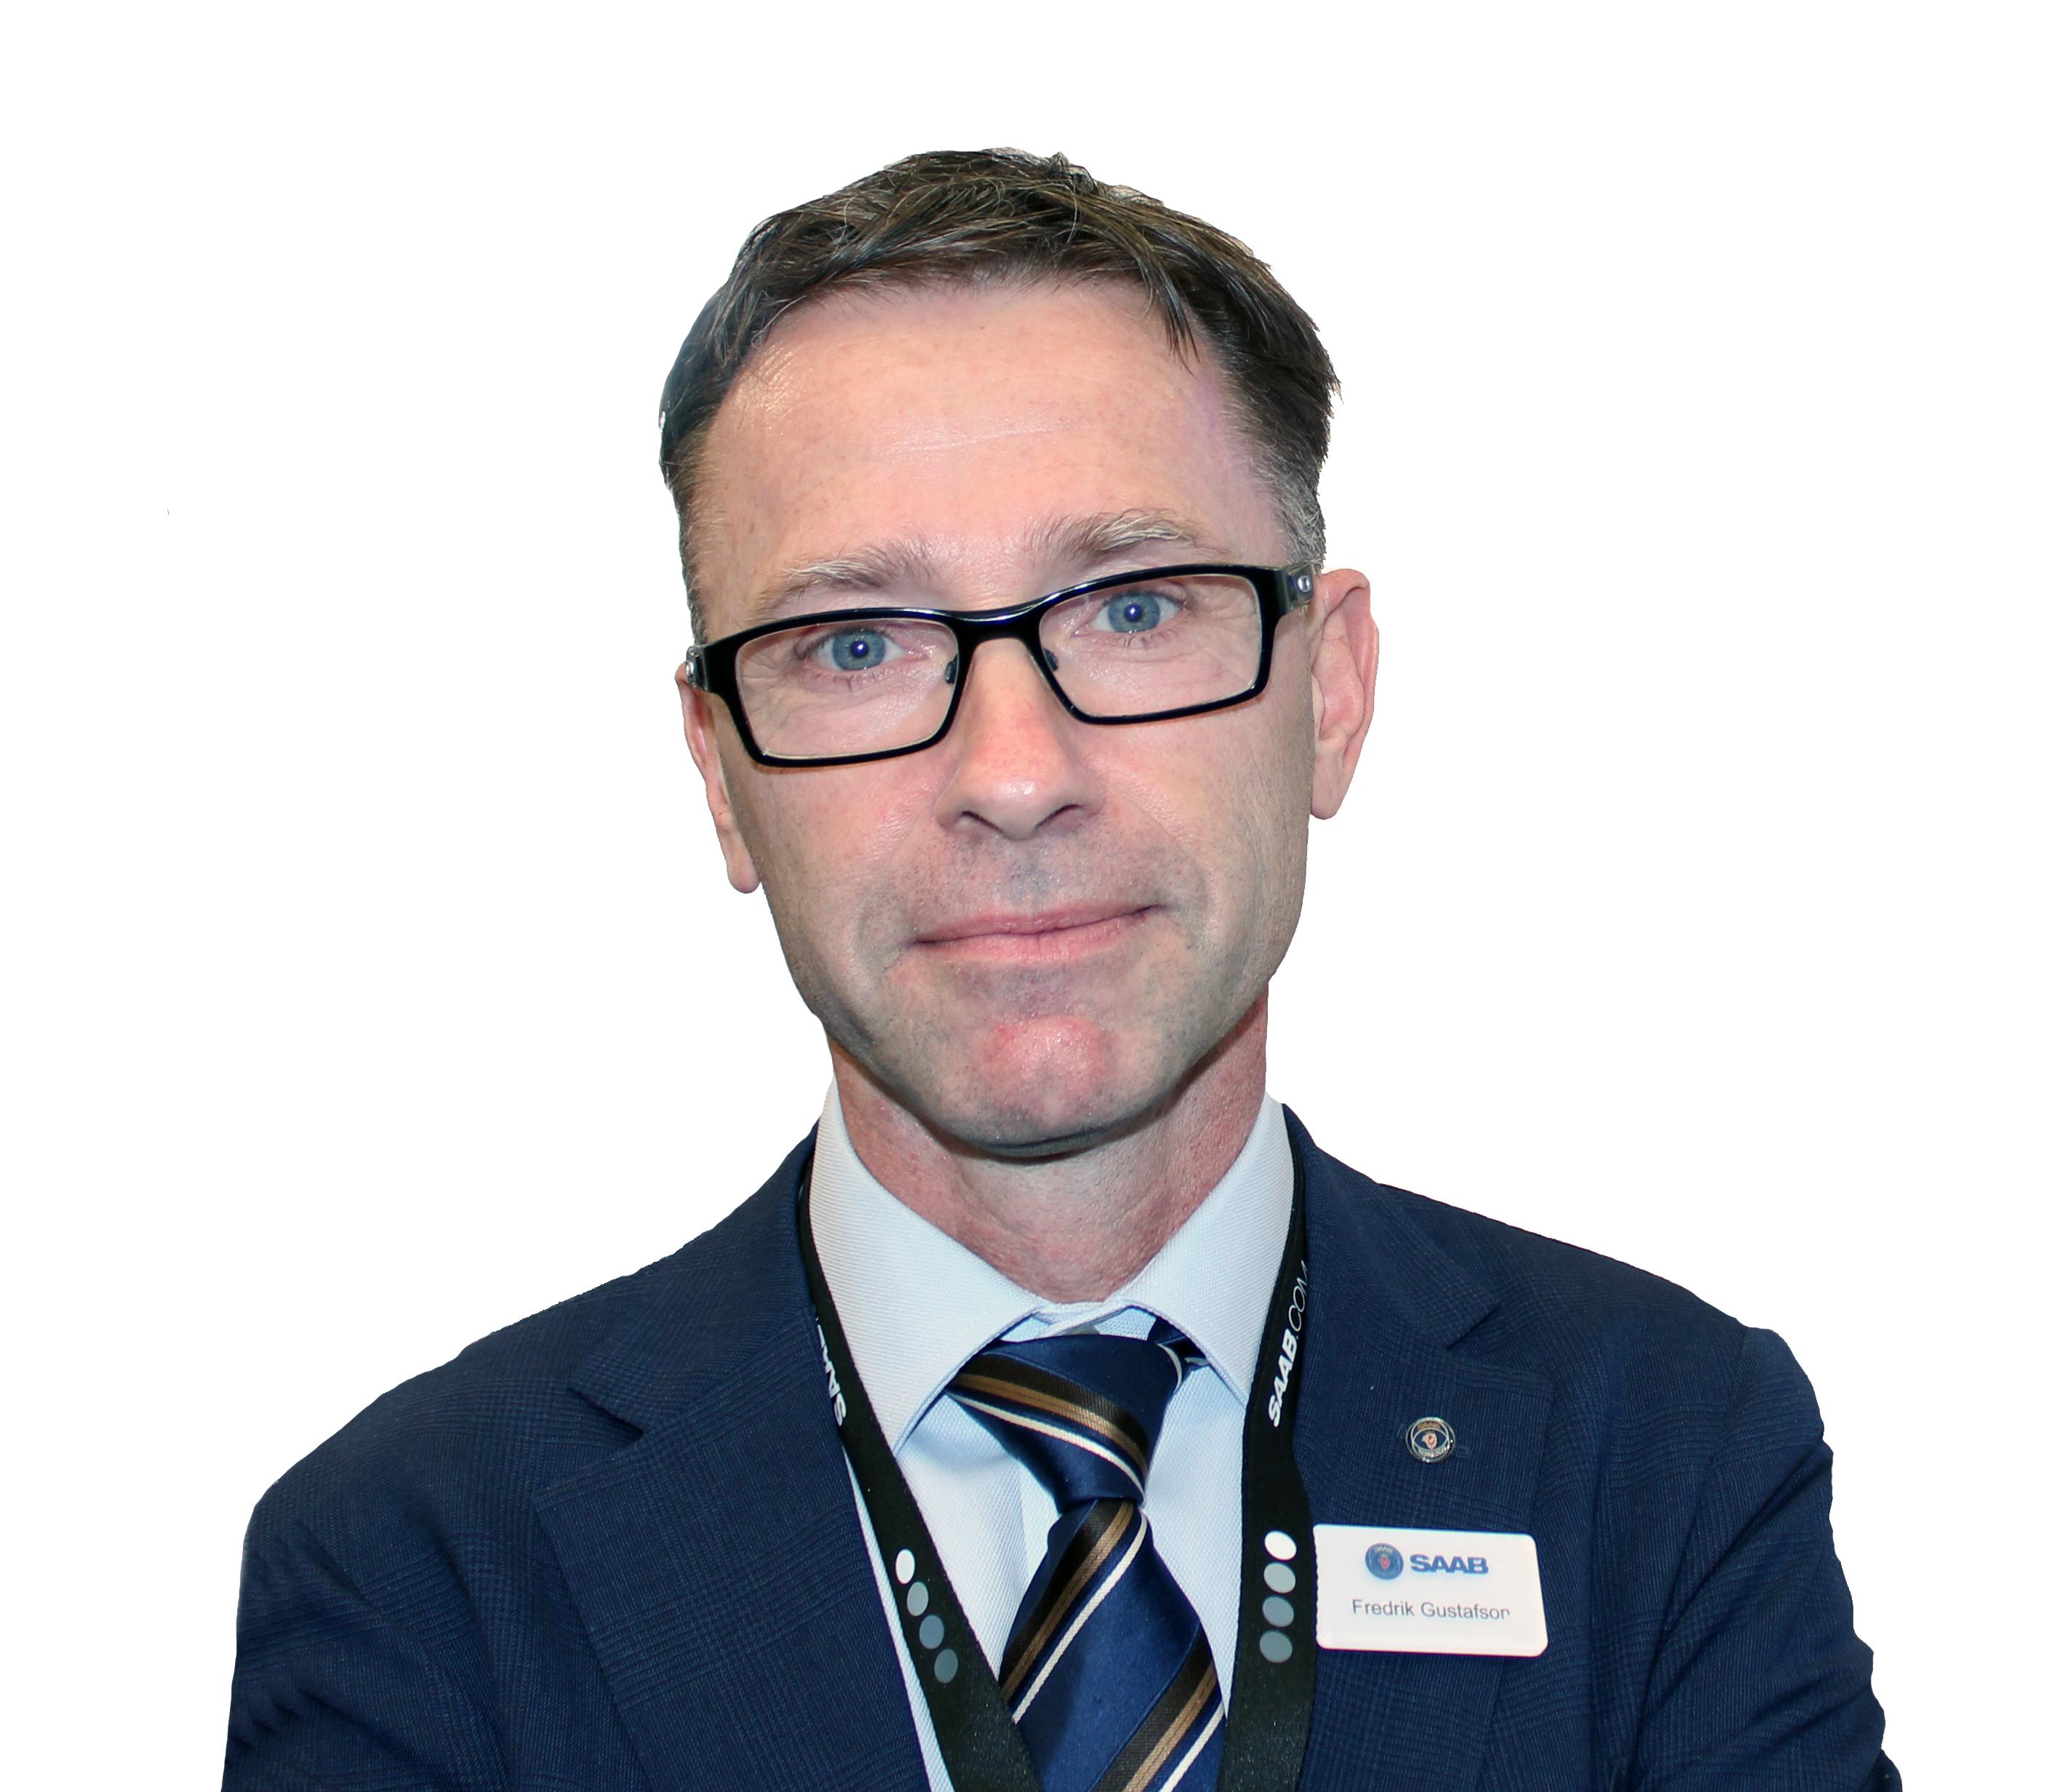 Fredrik Gustafson – Latam